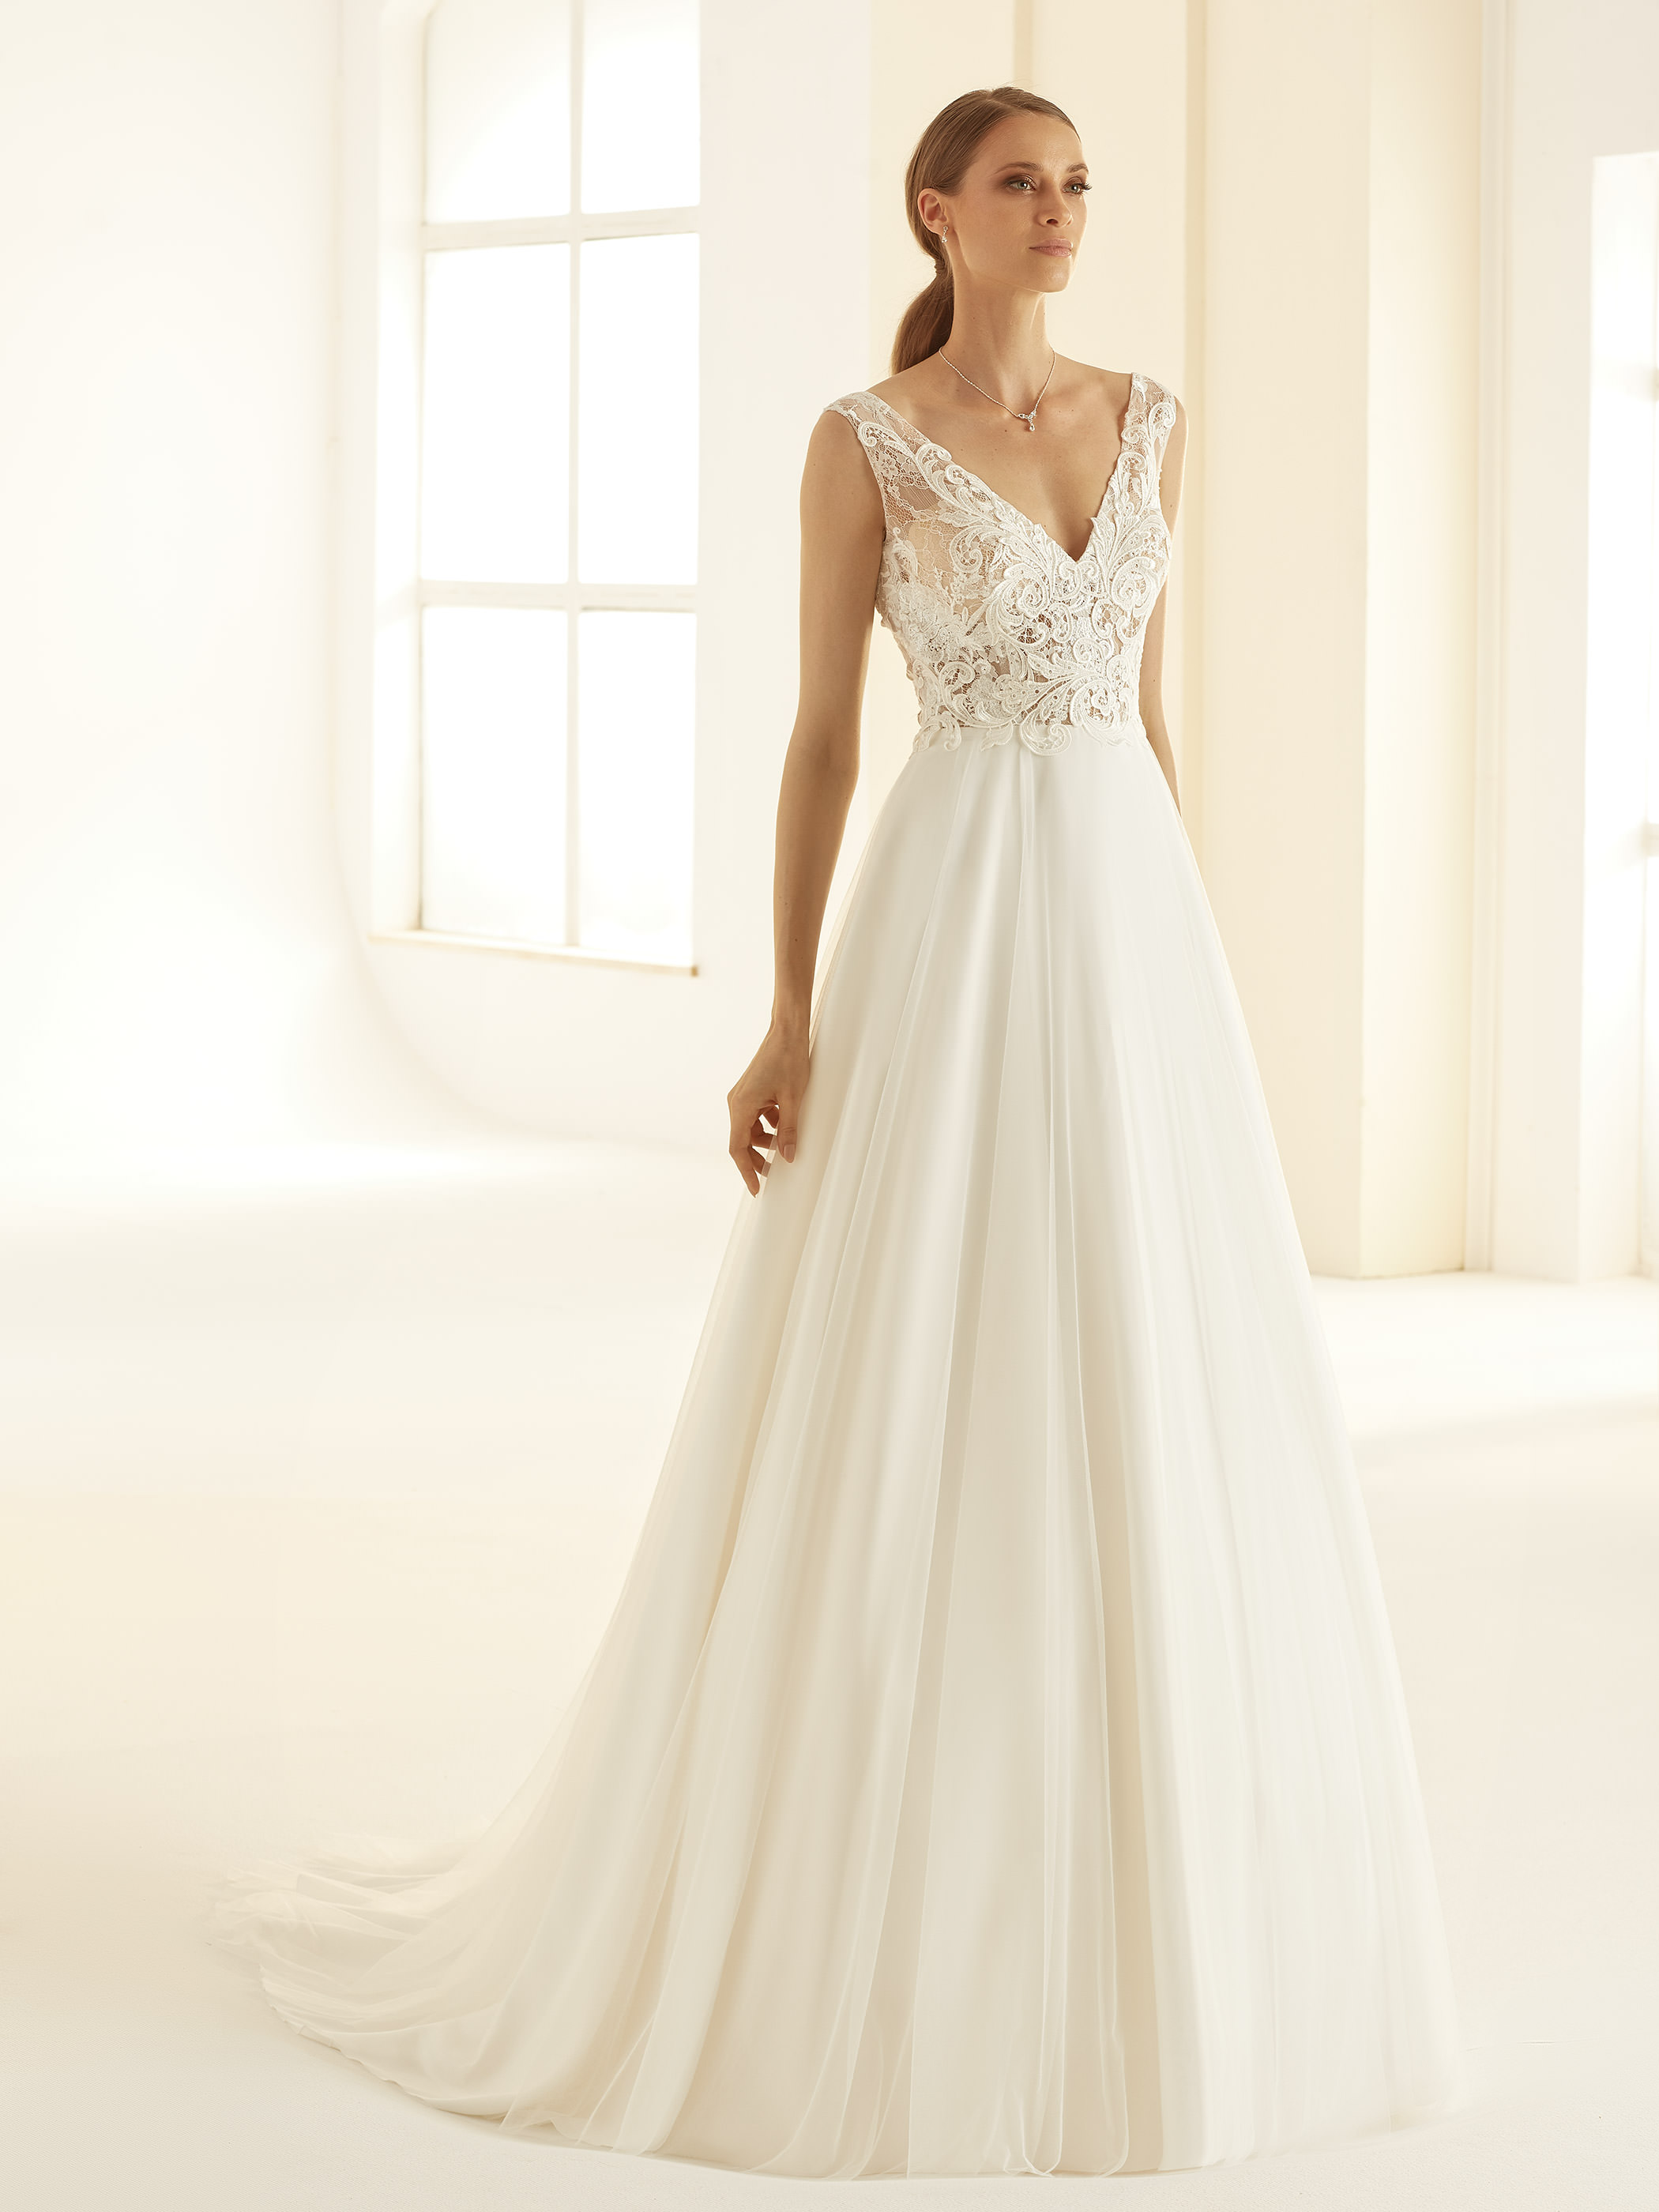 PRECIOSA-Bianco-Evento-bridal-dress-(1)